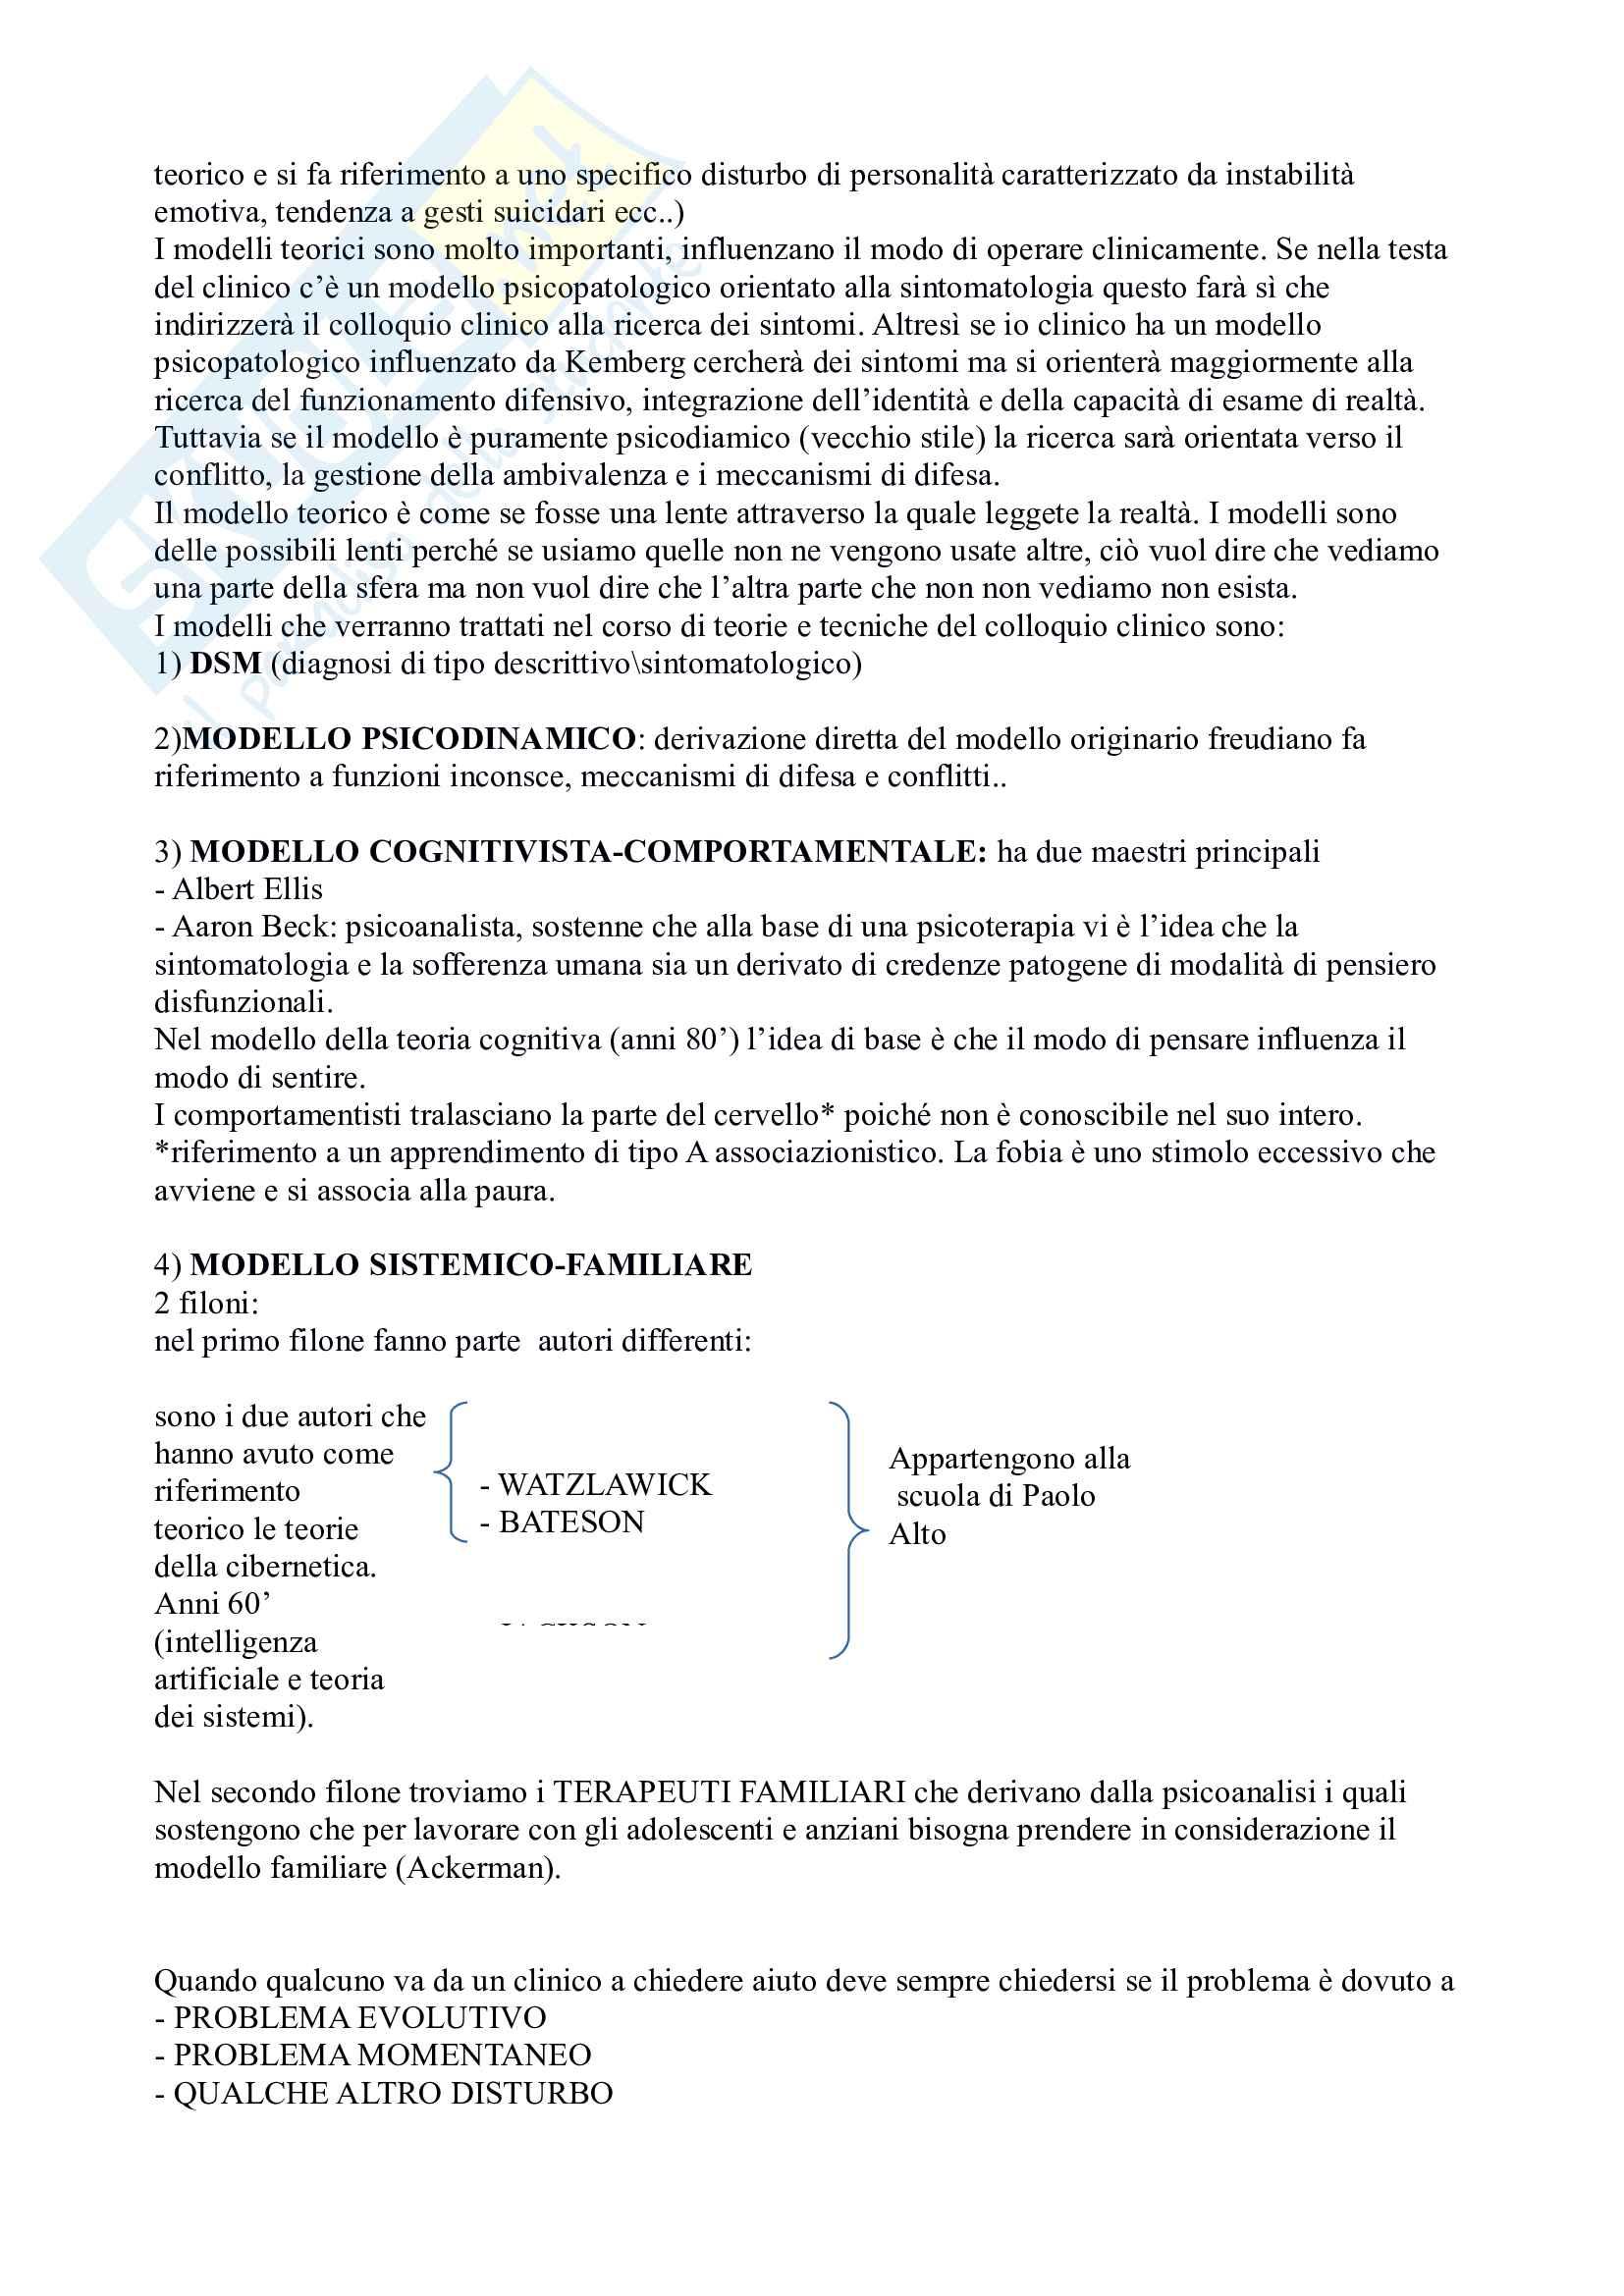 Appunti dell'esame di colloquio clinico Pag. 2